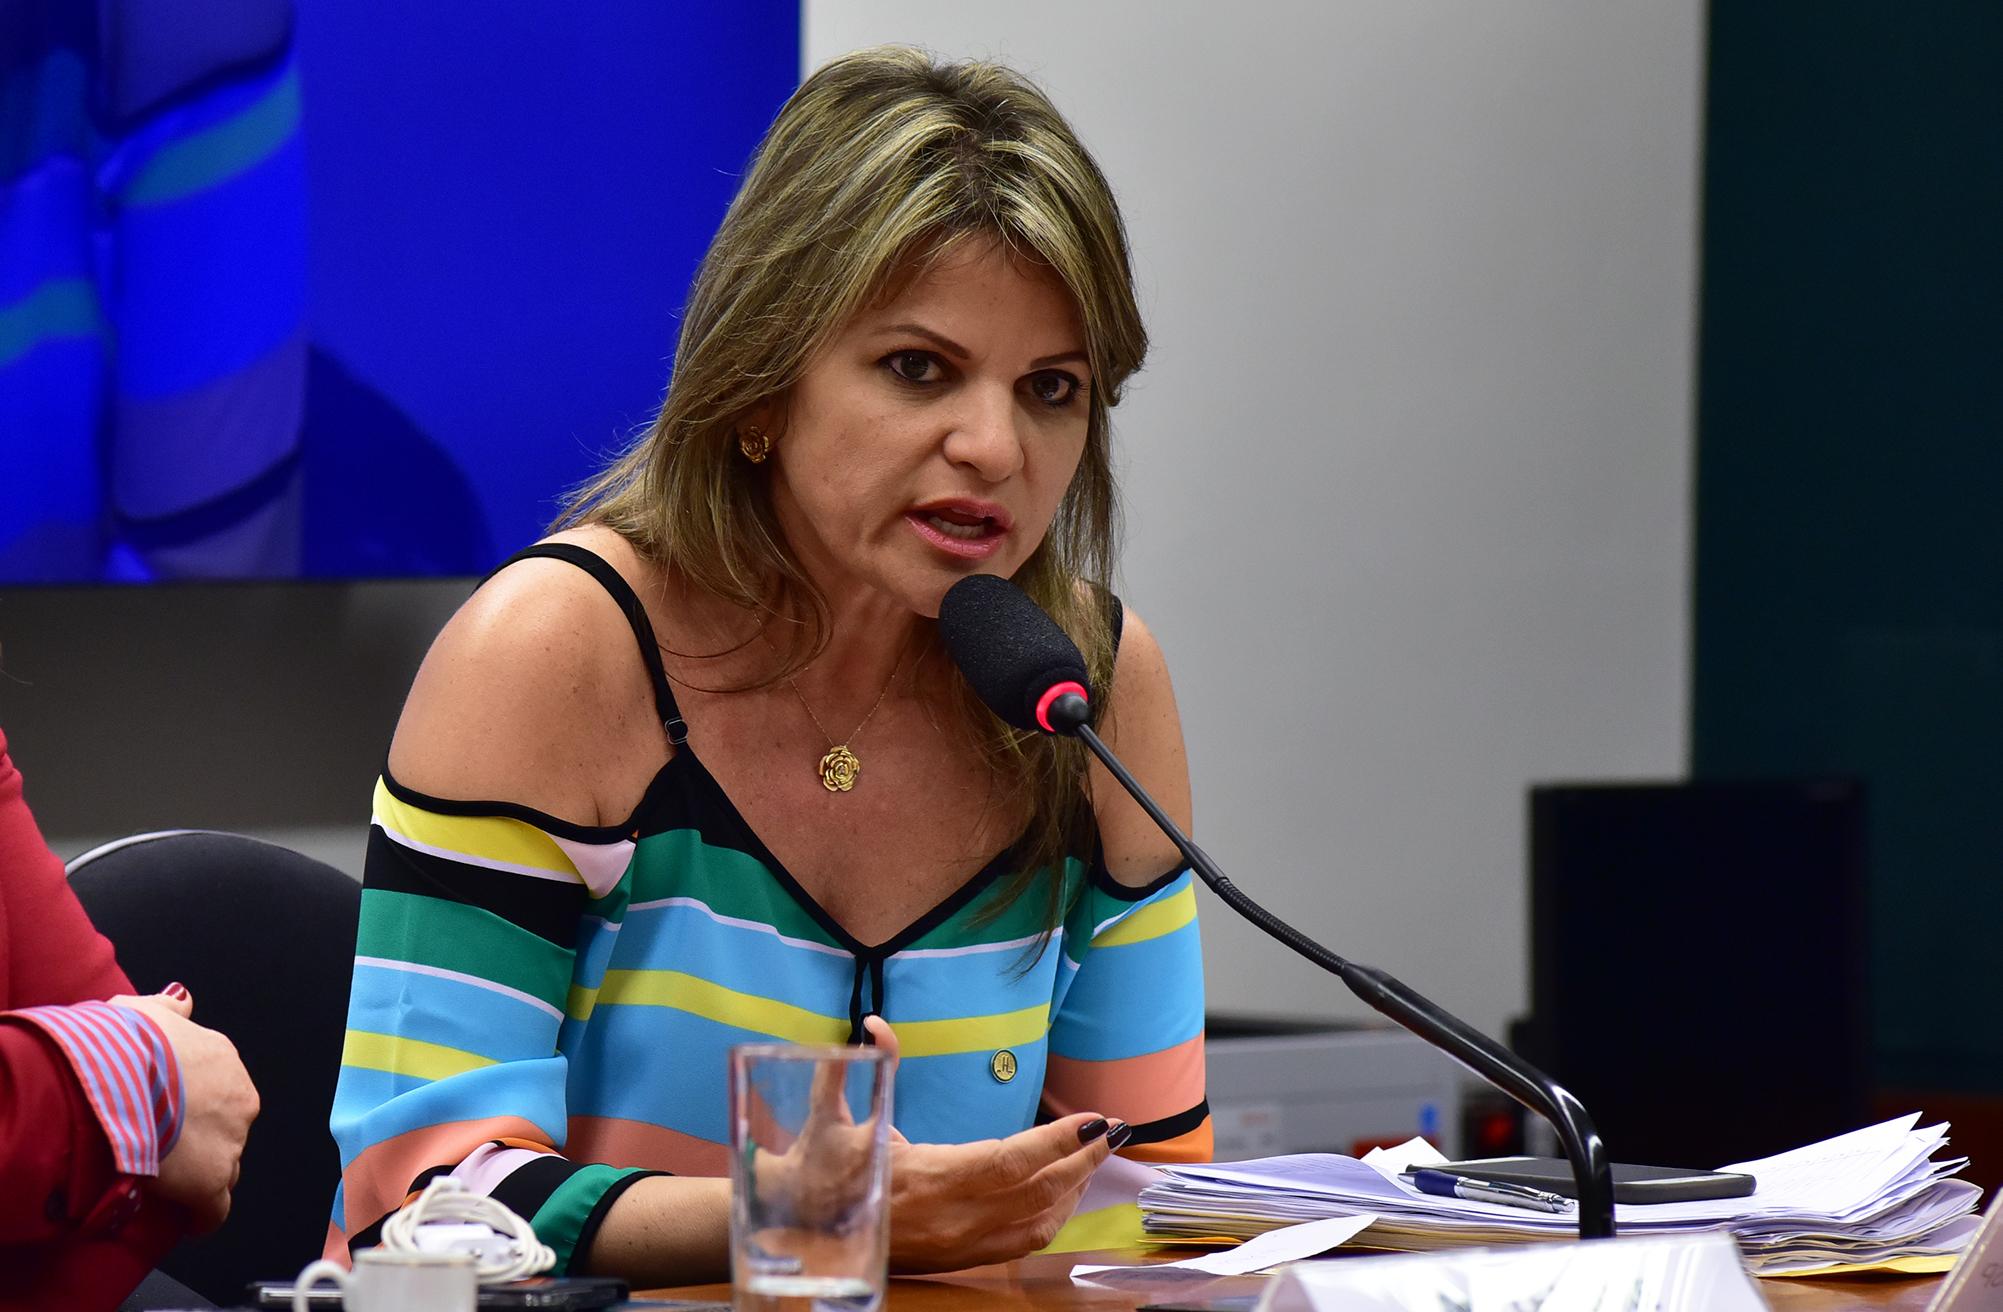 """Flávia Morais: a incompreensão do termo """"gênero"""" prejudica o debate de projetos (Foto: Zeca Ribeiro / Câmara dos Deputados)"""